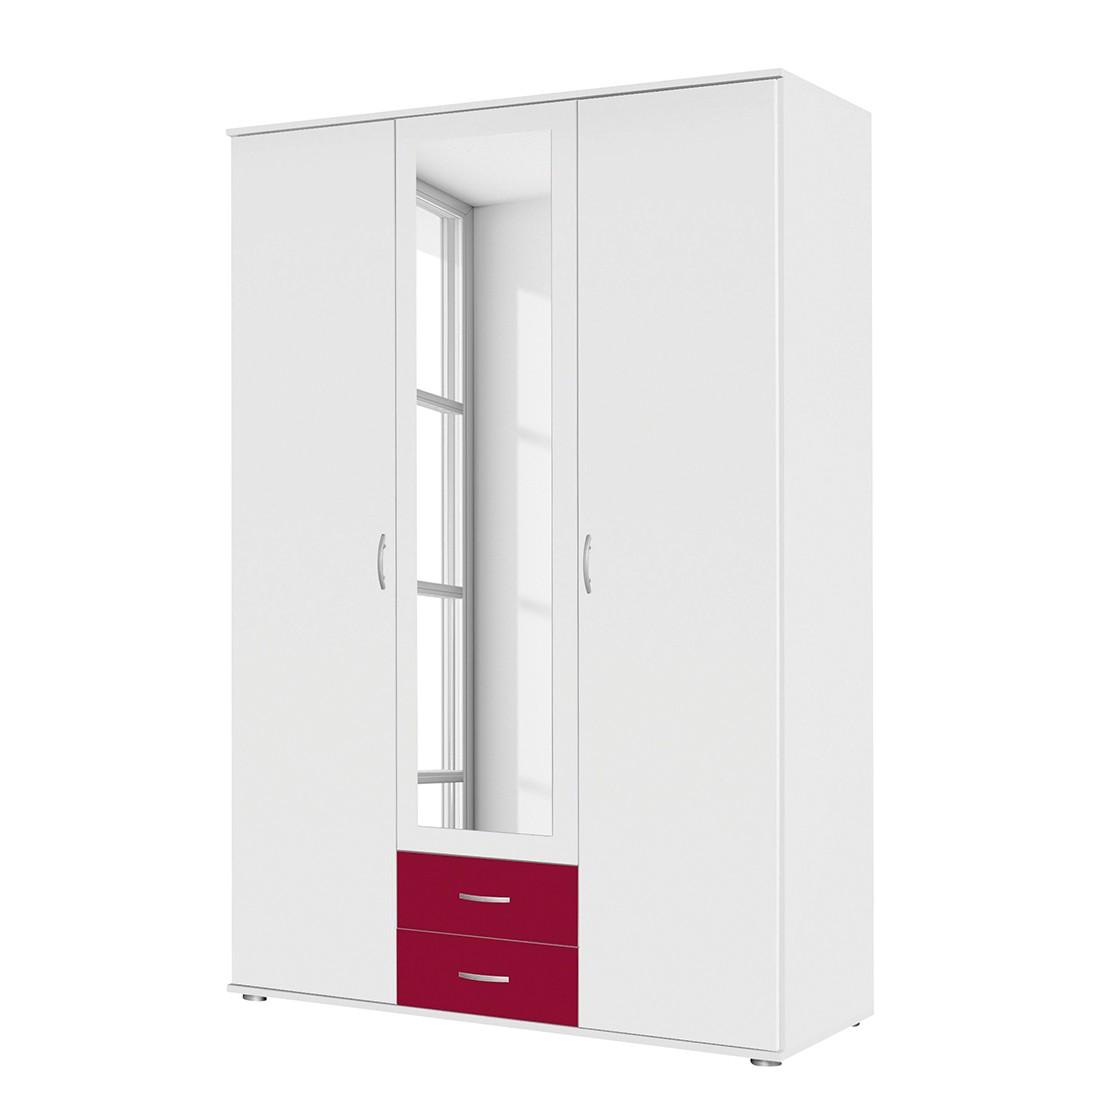 Drehtürenschrank Daniele II – Weiß / Rot – 127 cm (3-türig) – Mit Spiegeltür/-en, Rauch Pack´s günstig kaufen